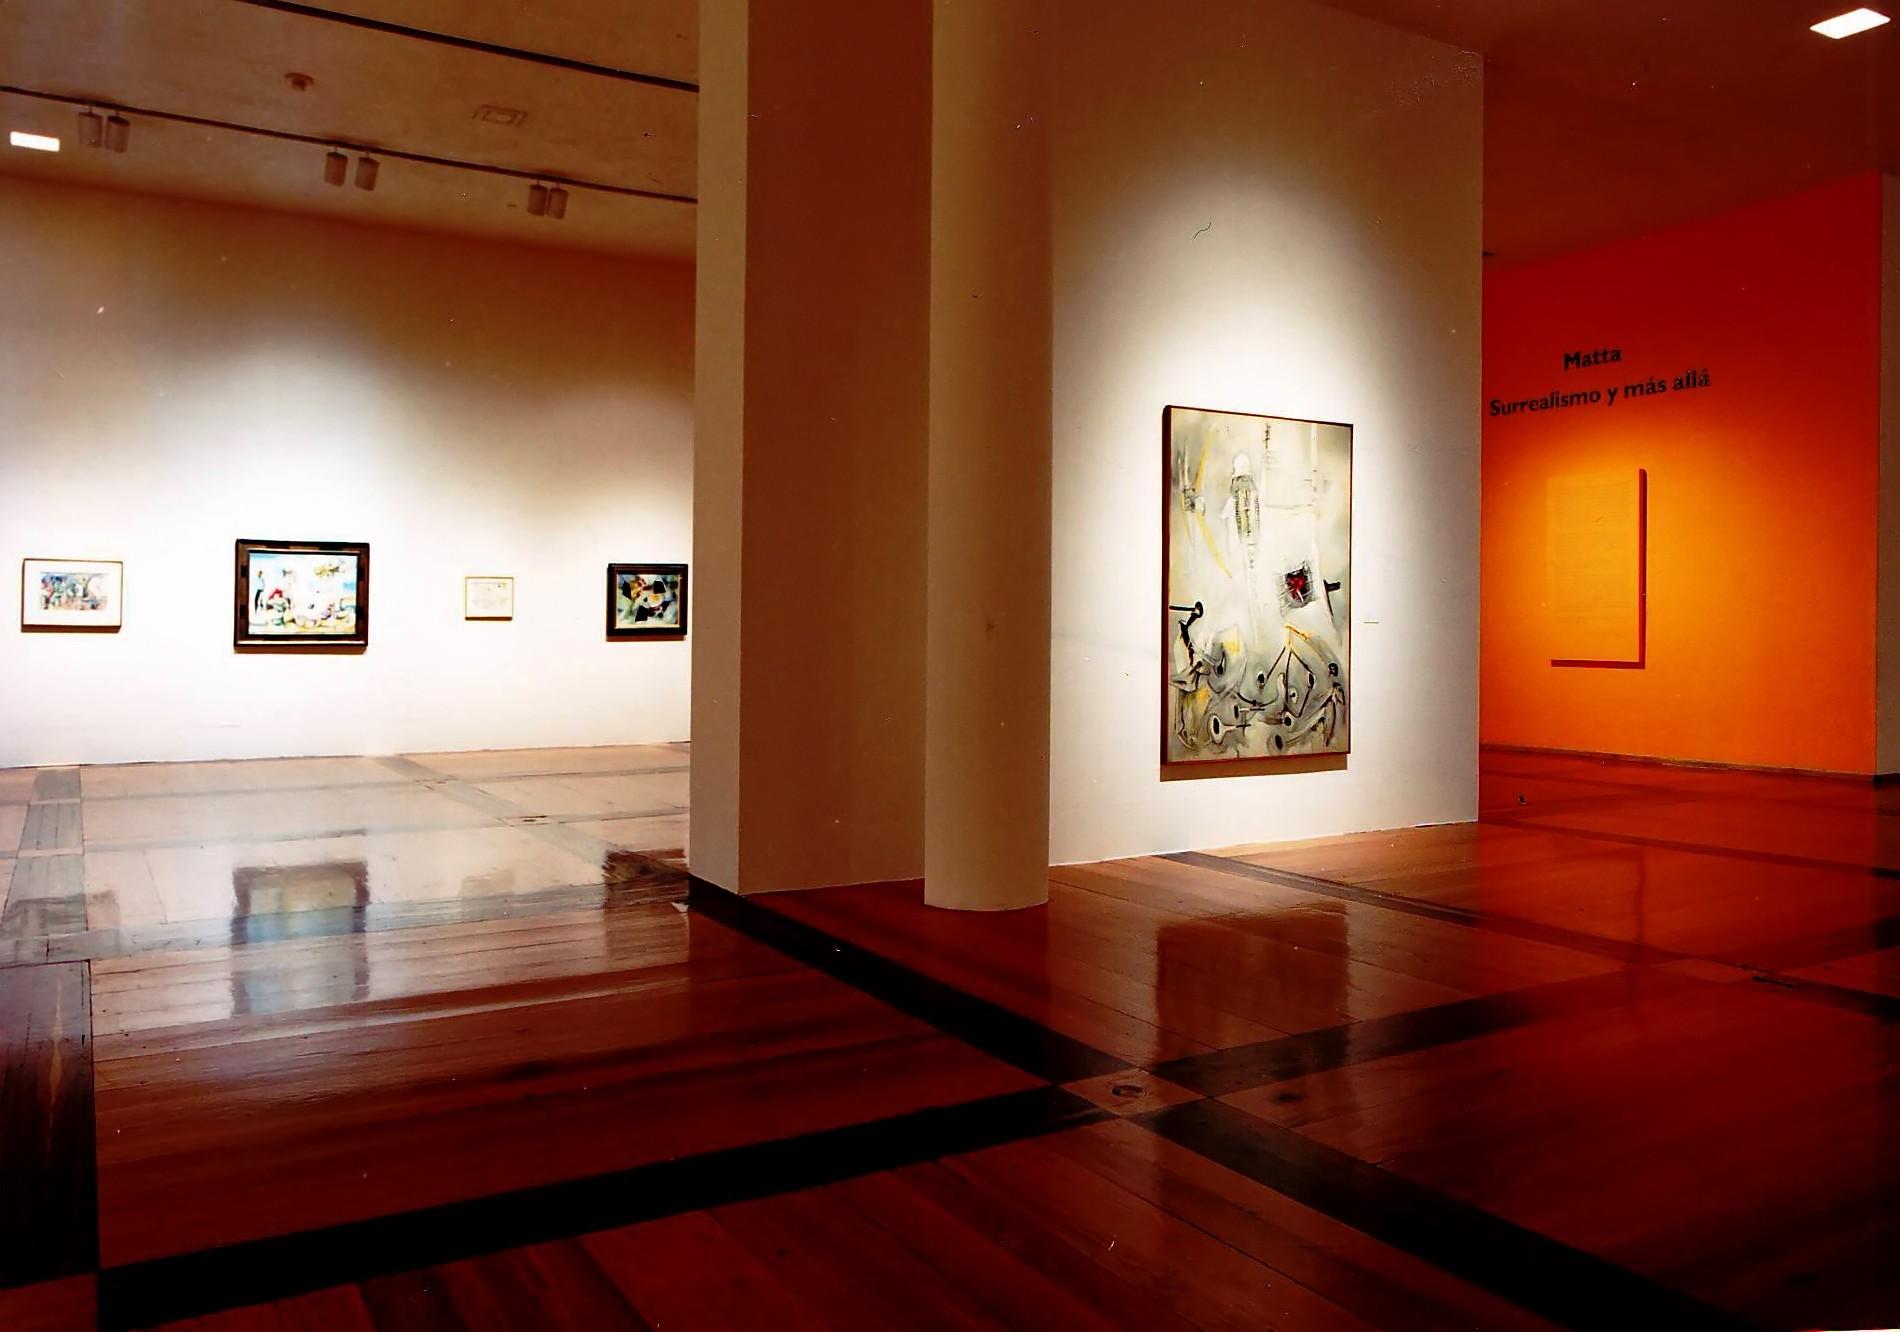 Los mejores museos en Monterrey, Nuevo León - Travel Report